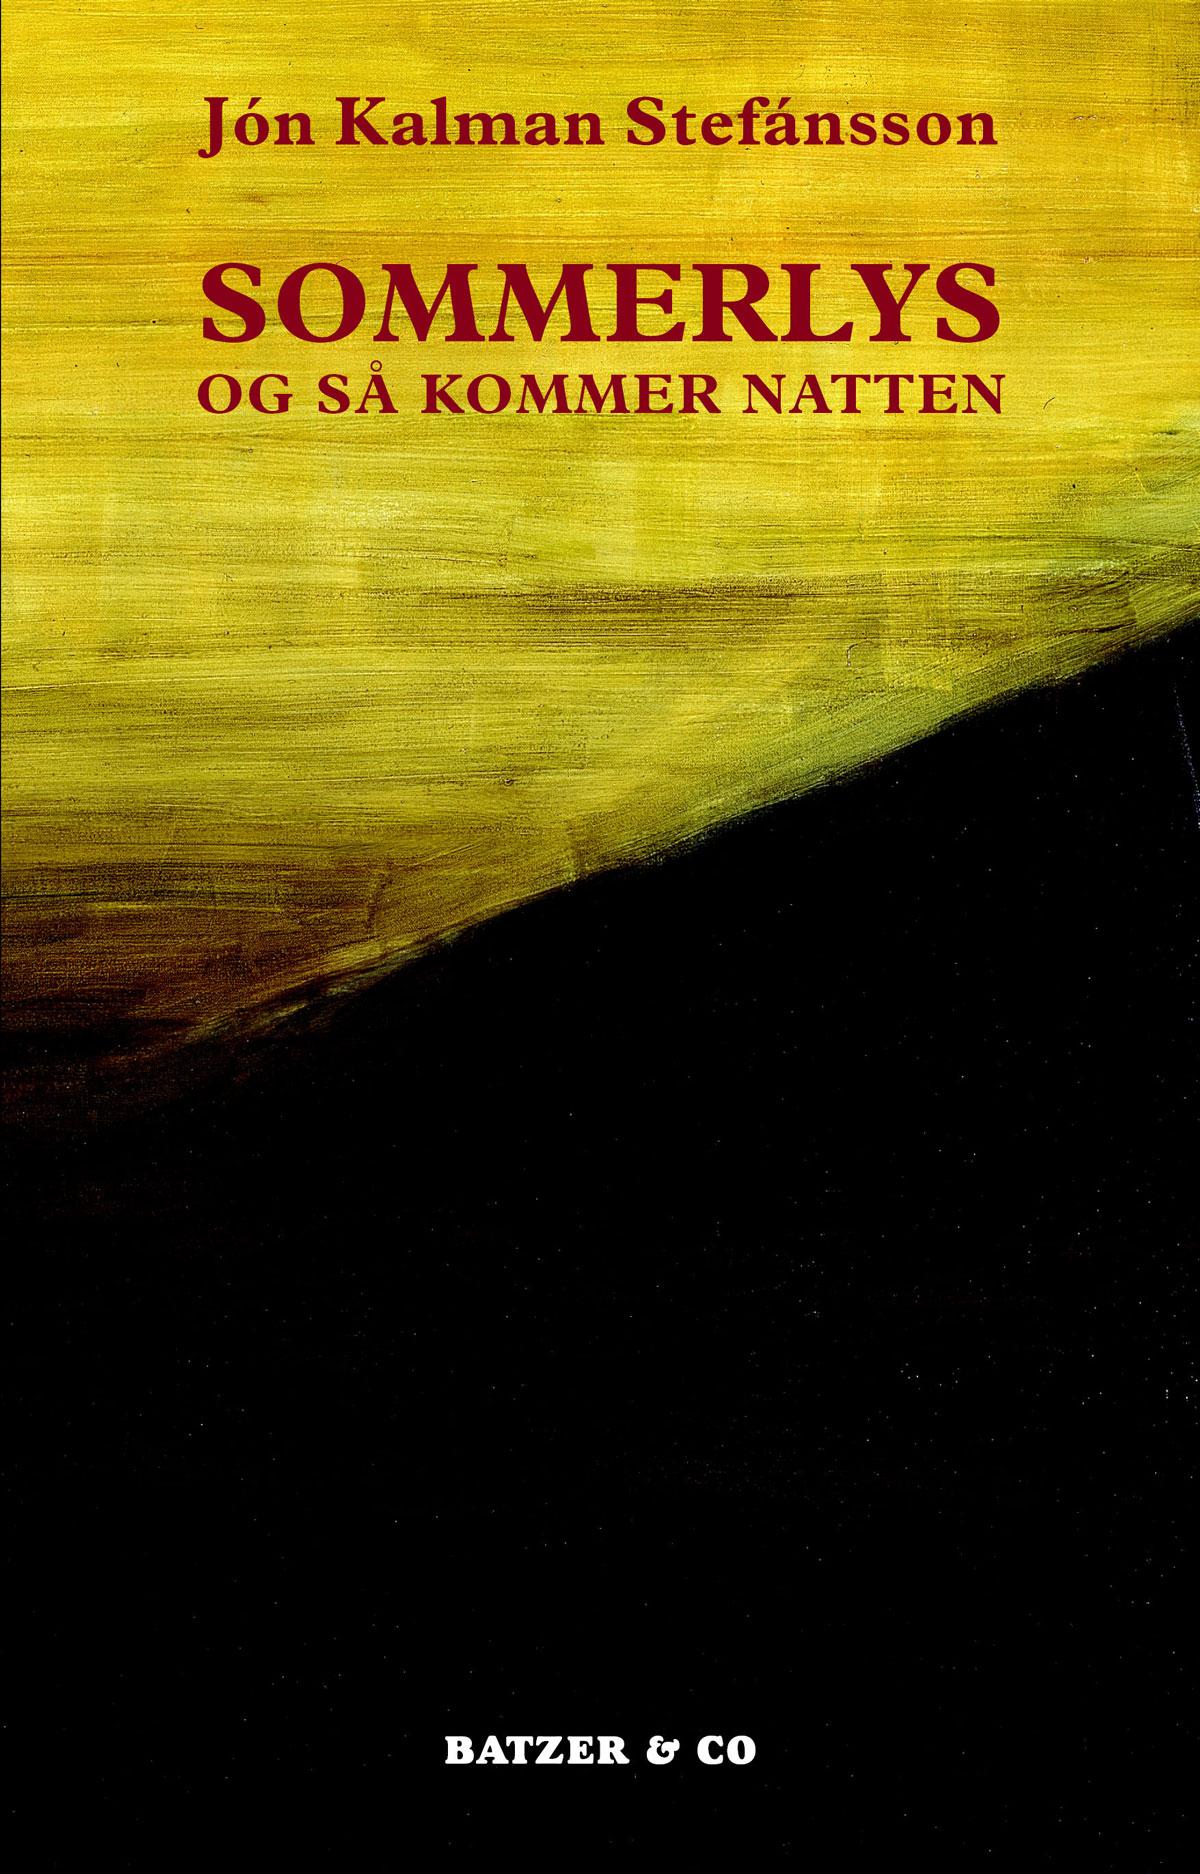 Jon-Kalman-Stefansson-Sommerlys-og-saa-kommer-natten-bogforside